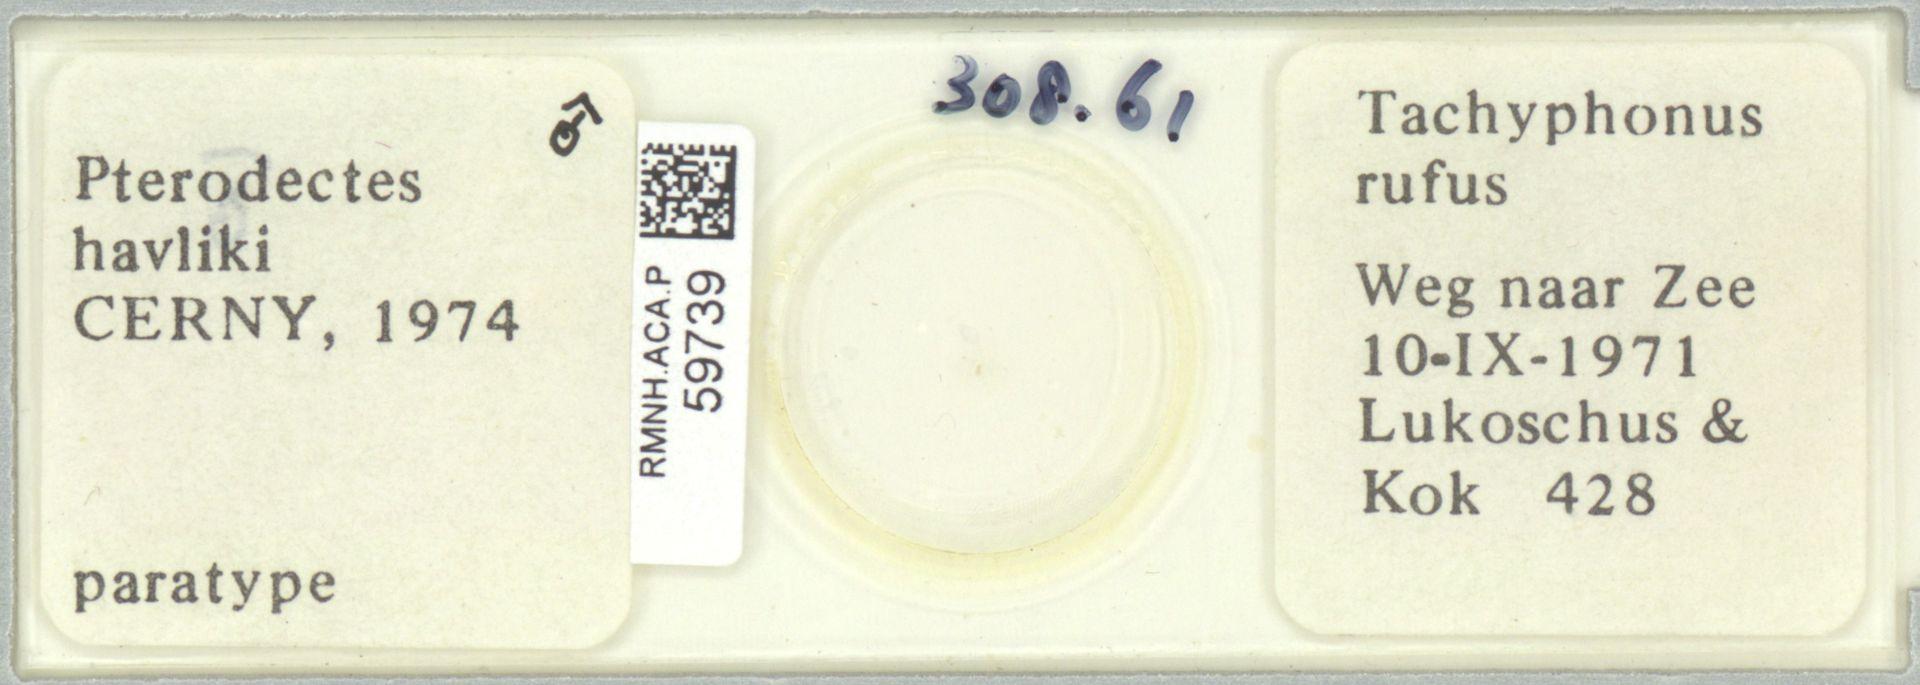 RMNH.ACA.P.59739 | Pterodectes havliki Cerny, 1974